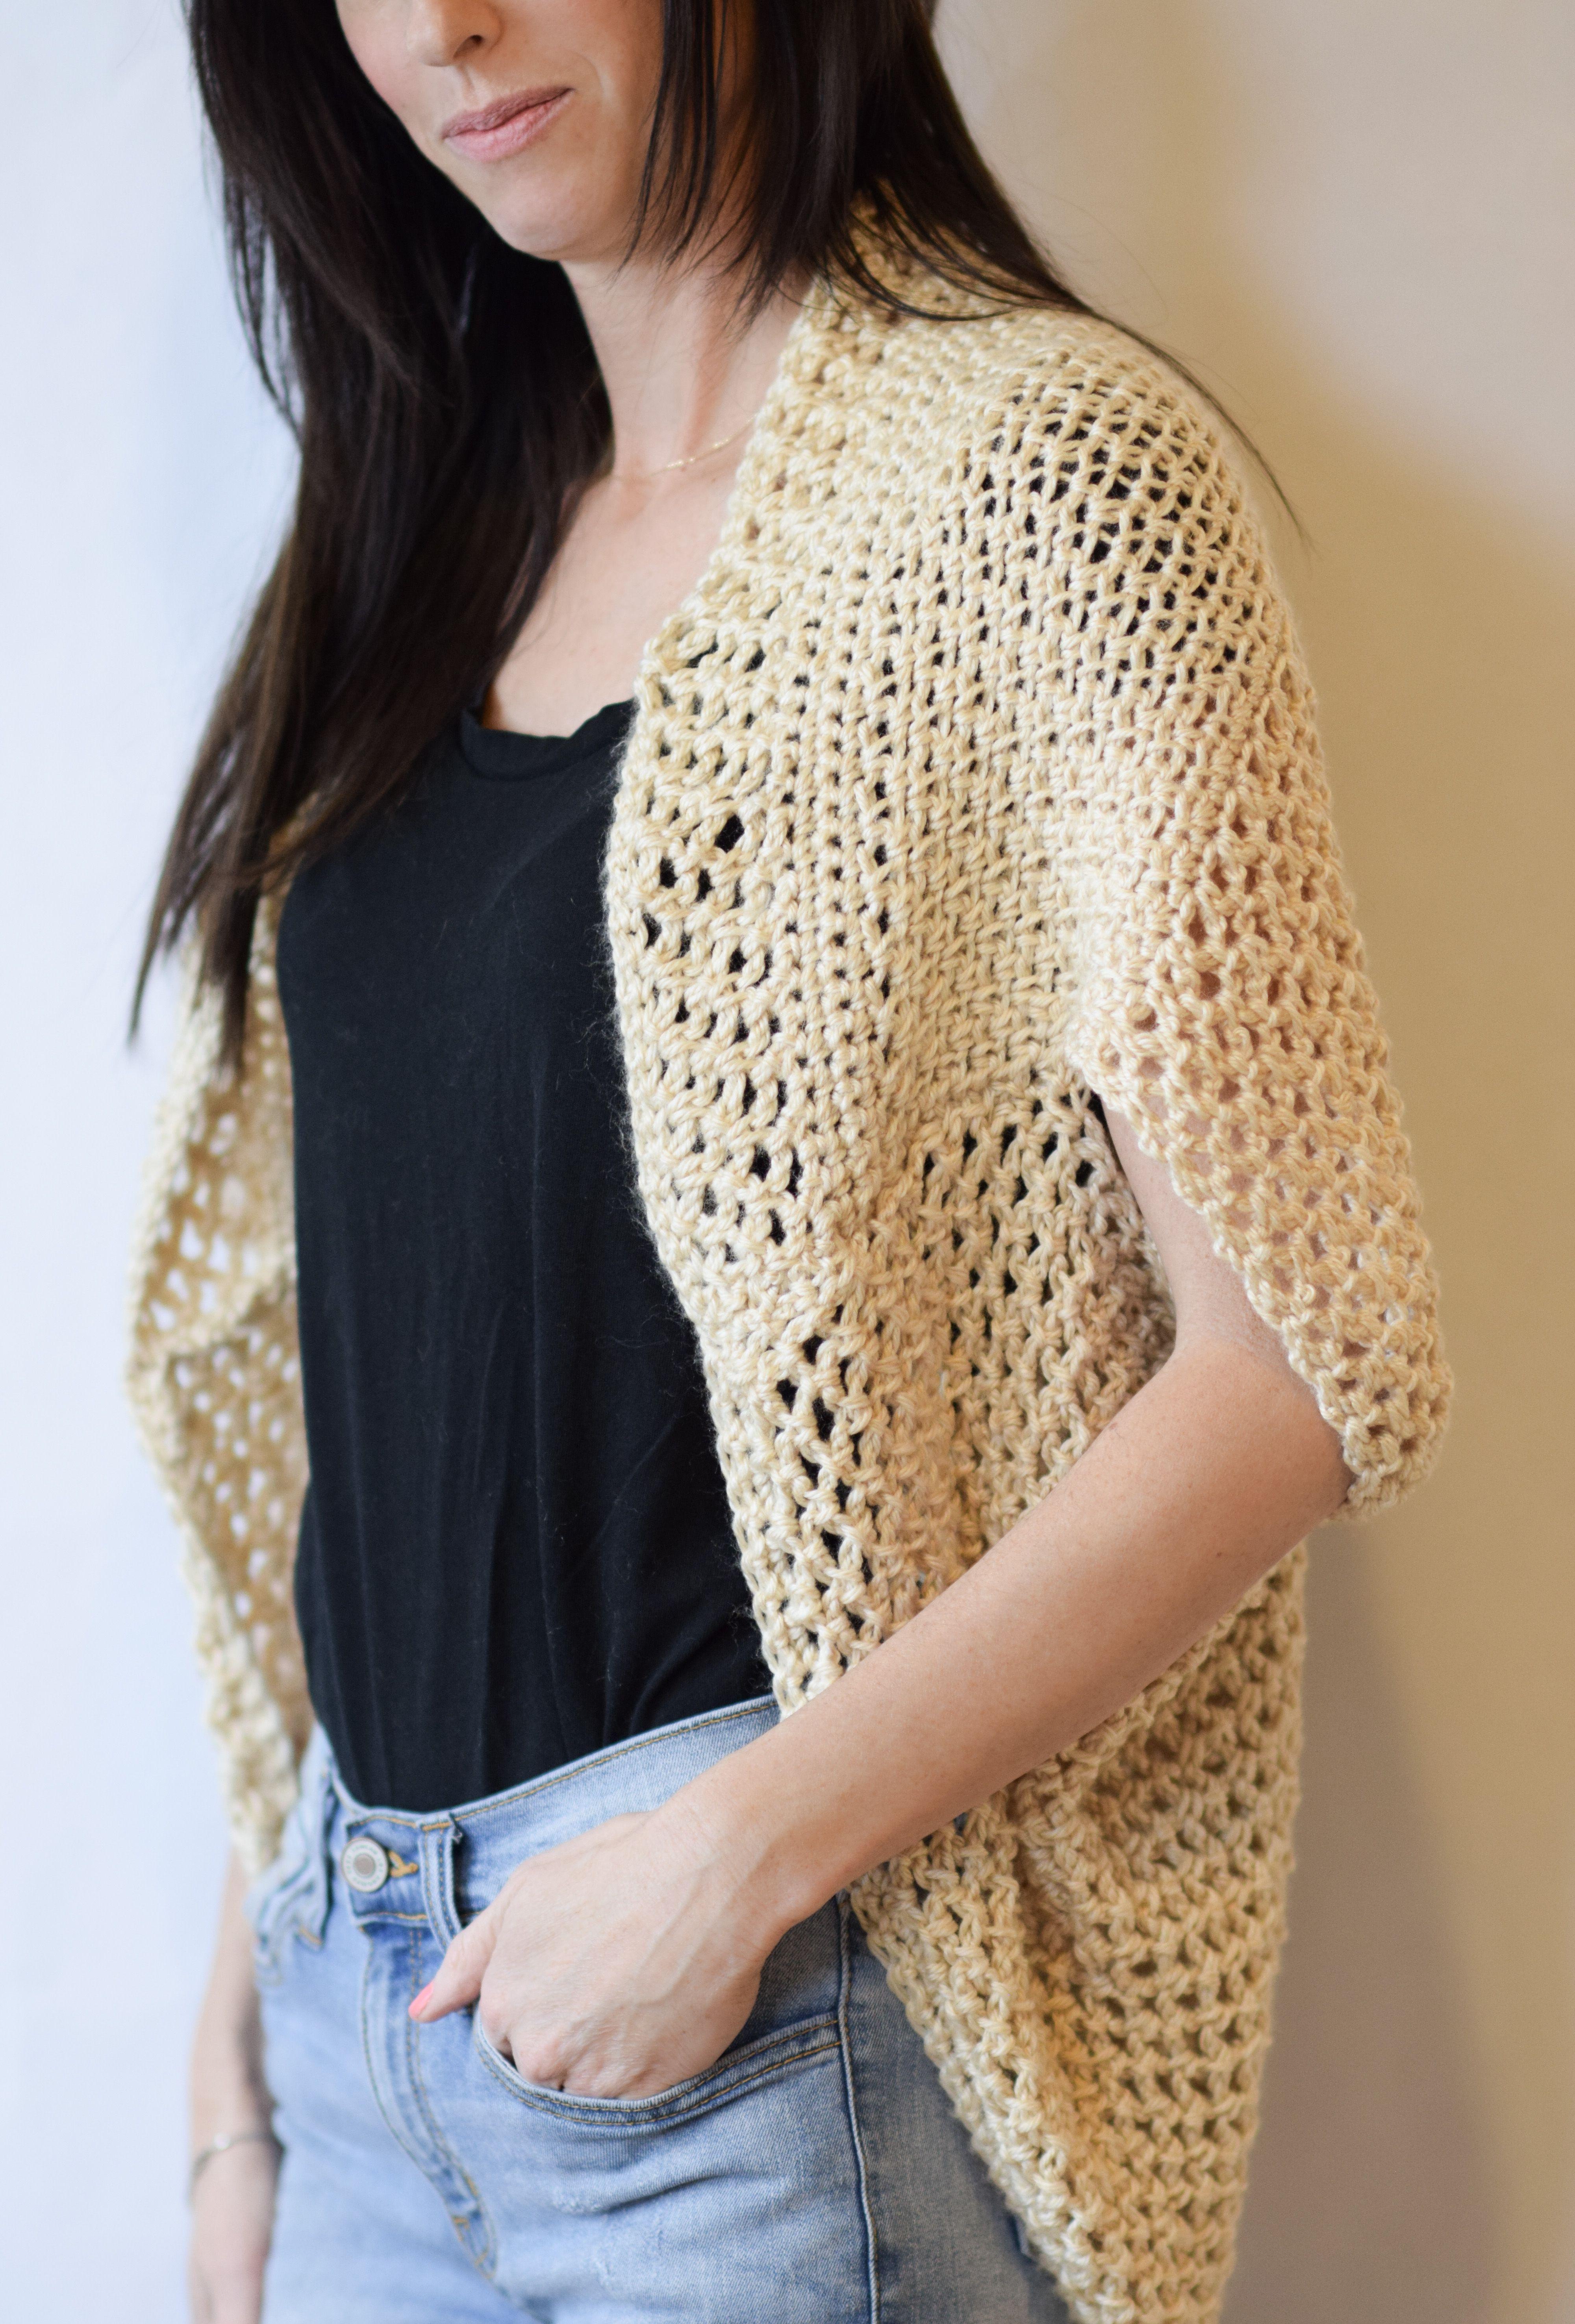 easy-crochet-sweater-pattern-shrug-mod-blanket-sweater | a a ...